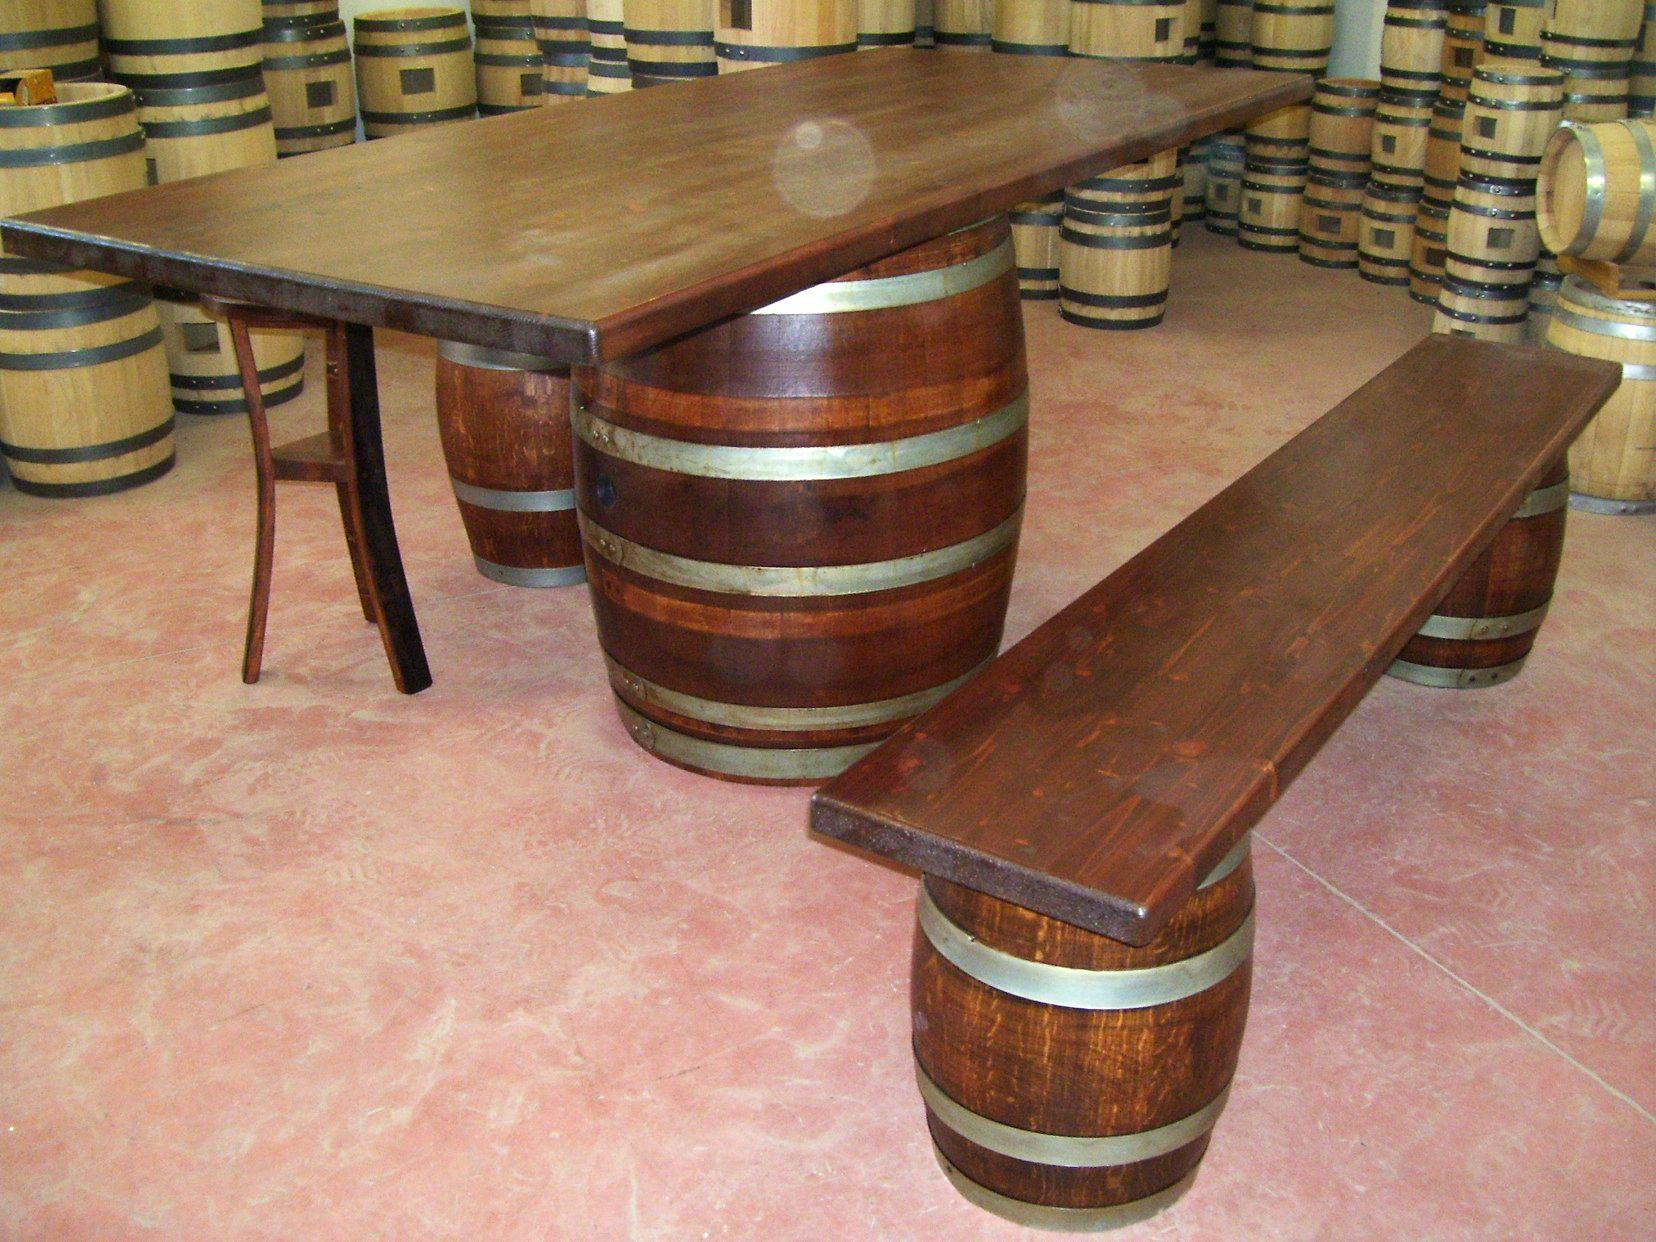 Tavolo Con Panche Da Birreria.1270 Tavolo Da Birreria E Osteria Da 2 Metri Con Panca A